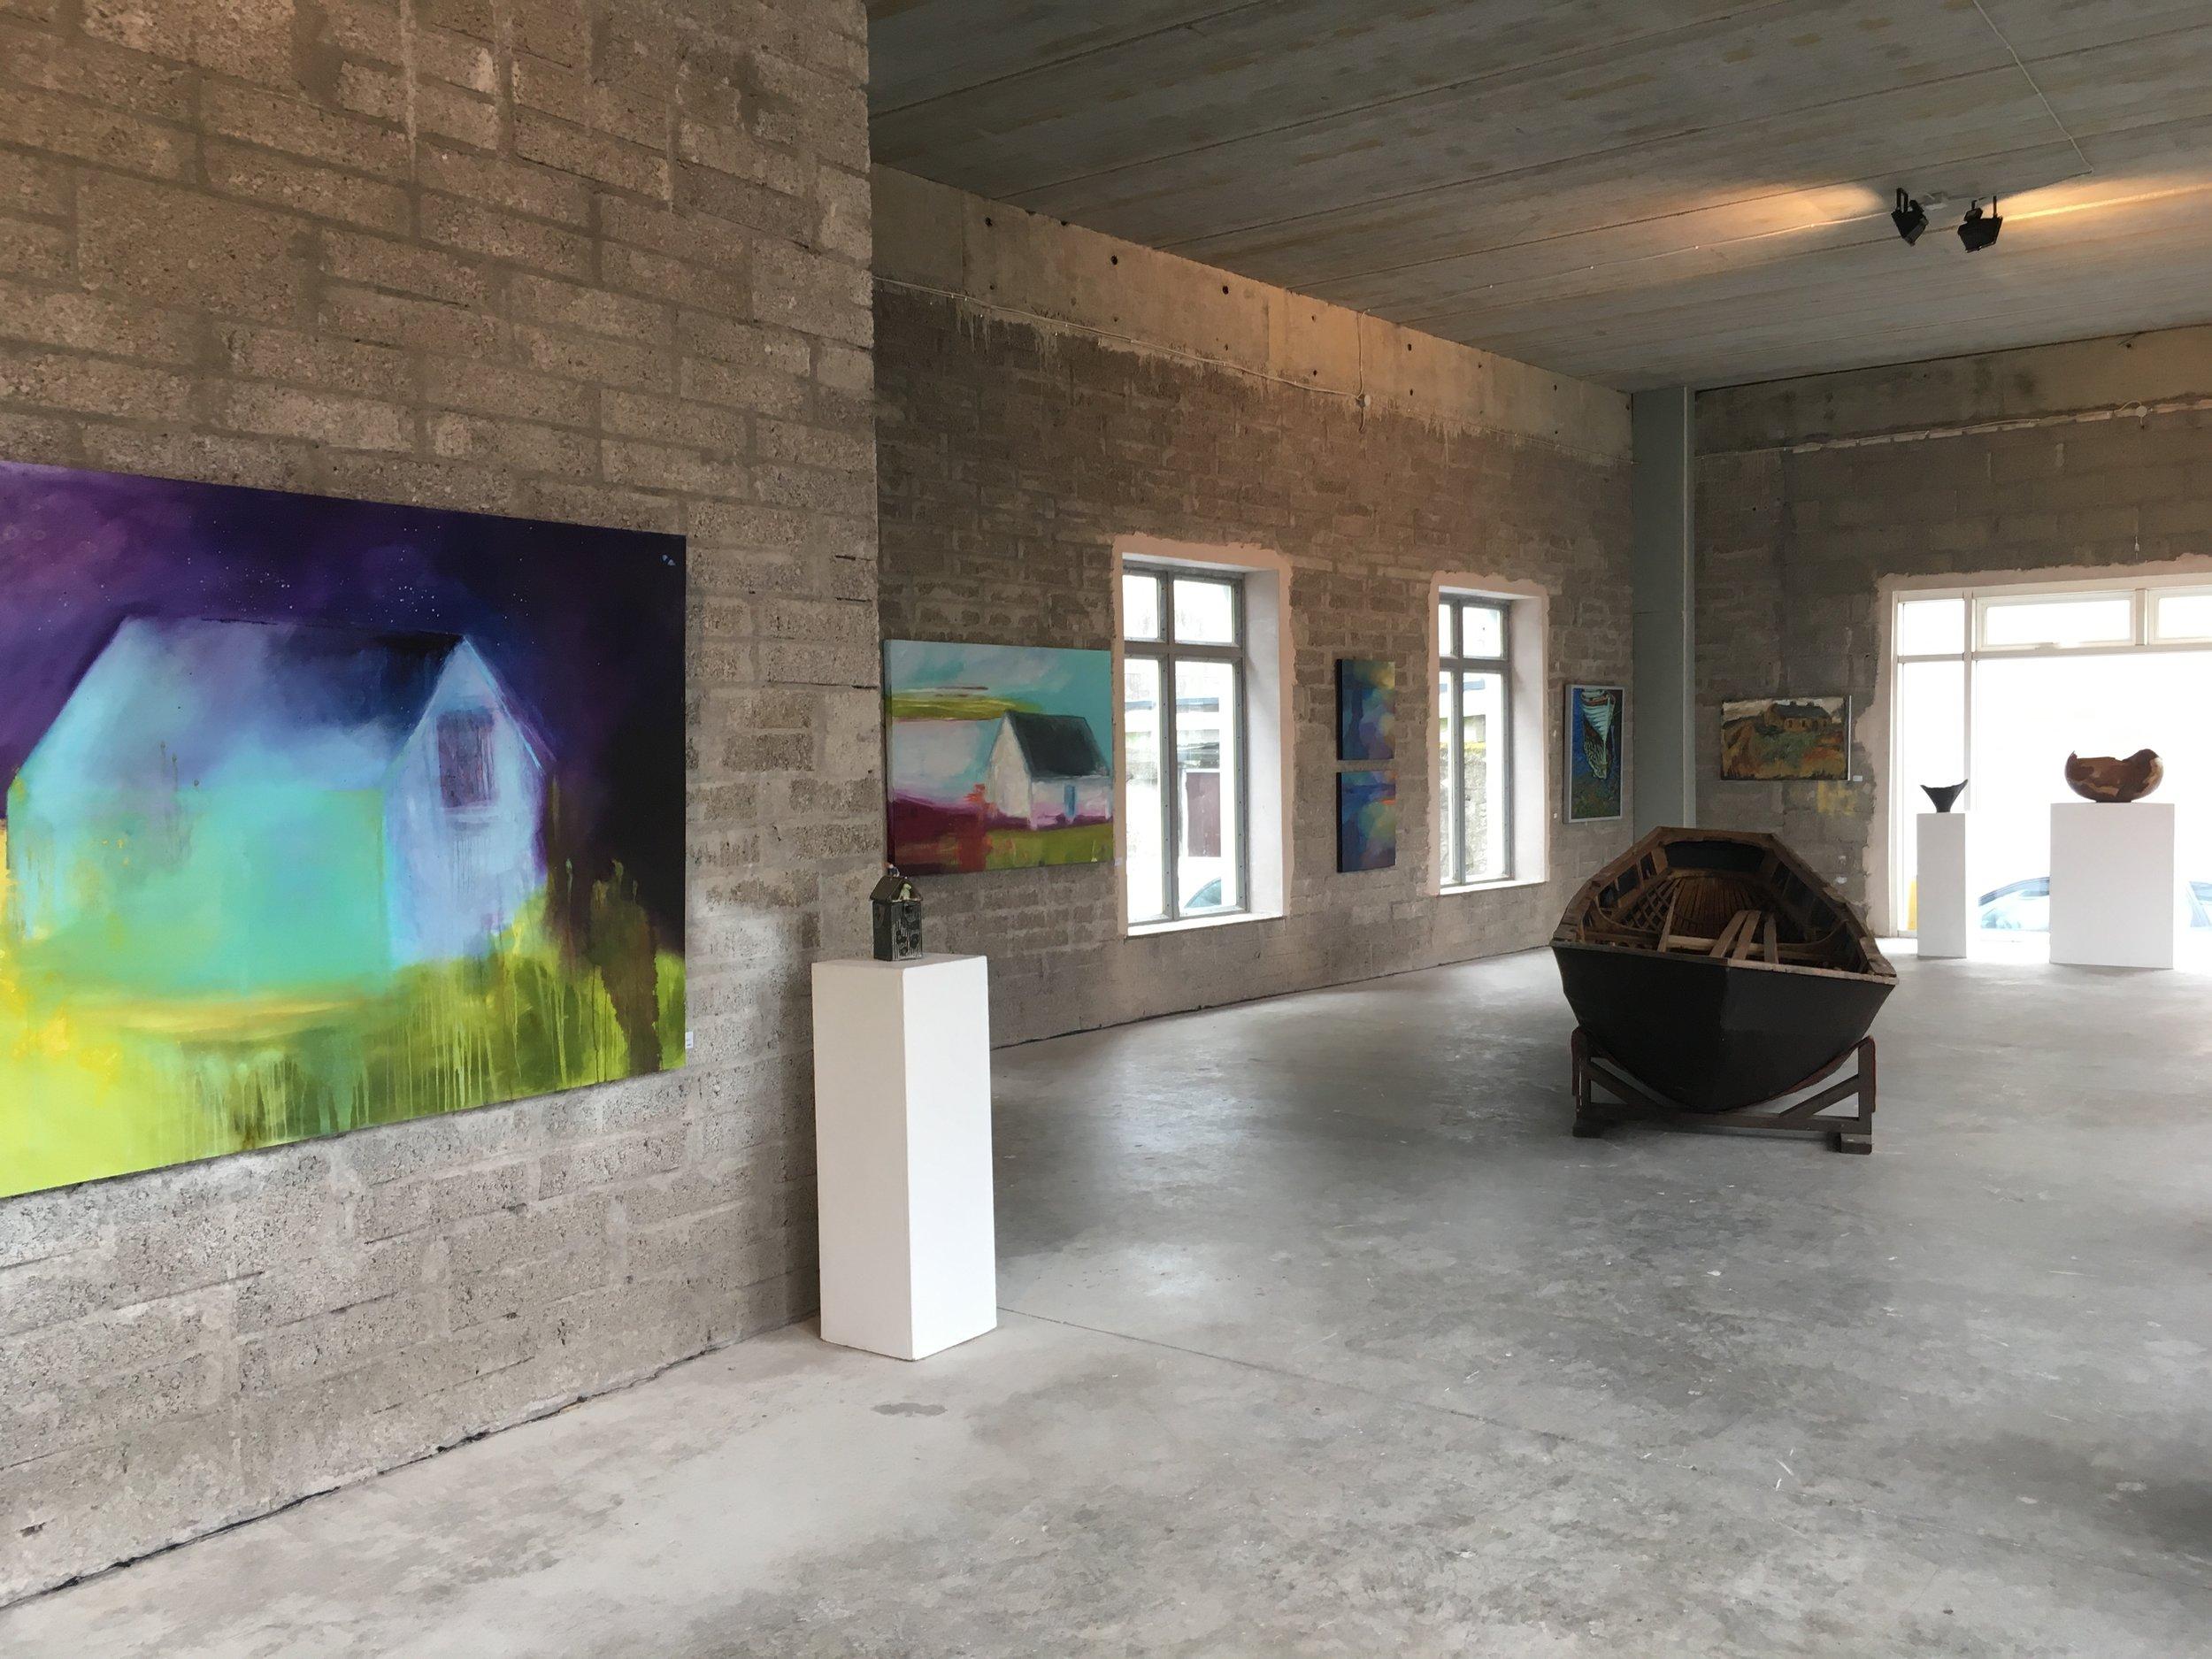 'Under Shelter' Exhibition, O'Driscoll Building, Skibbereen, Co. Cork.